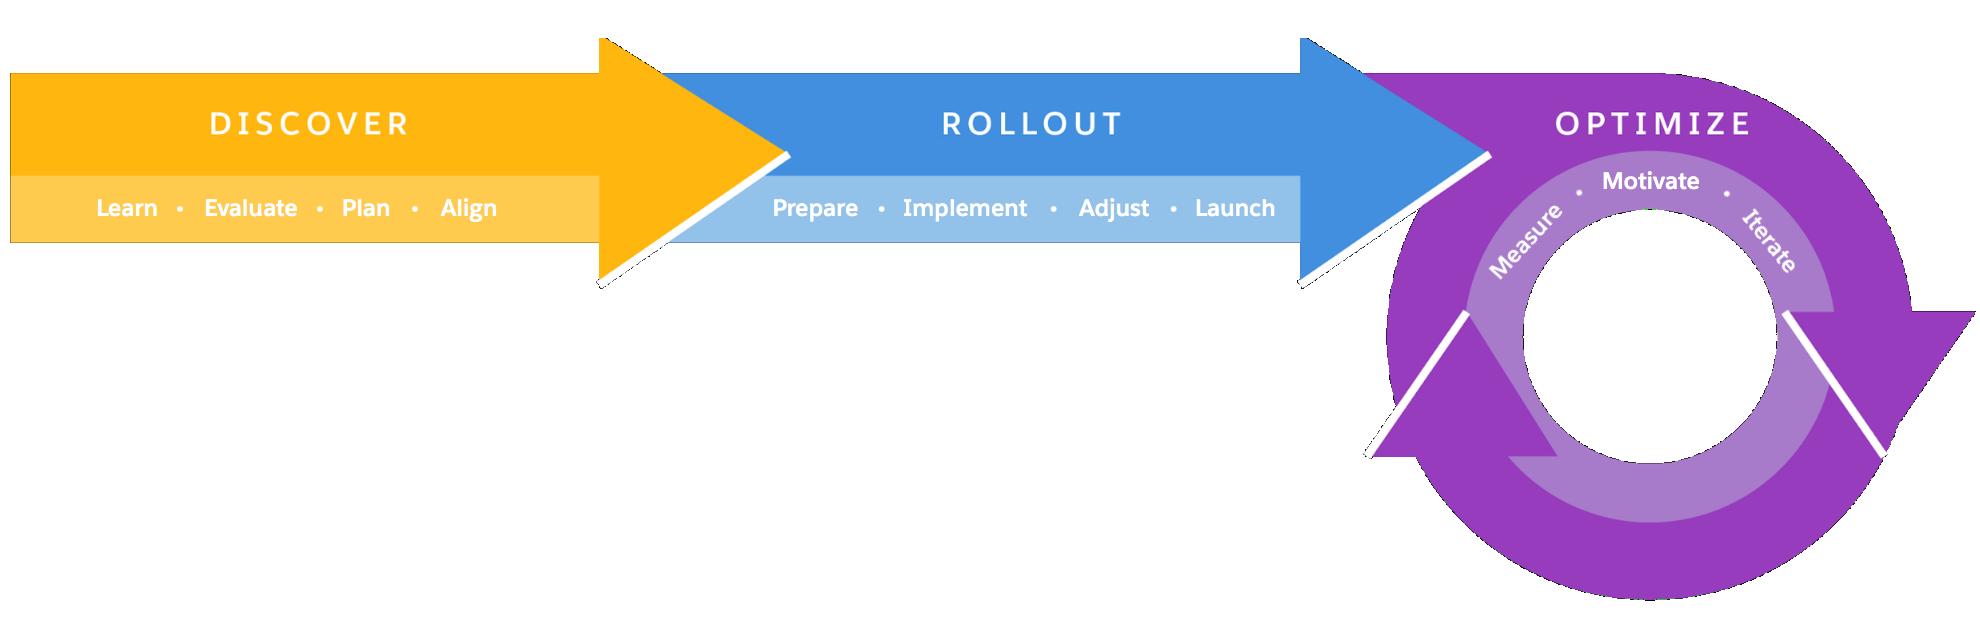 Image représentant les différentes phases et étapes de la procédure de migration vers LightningExperience